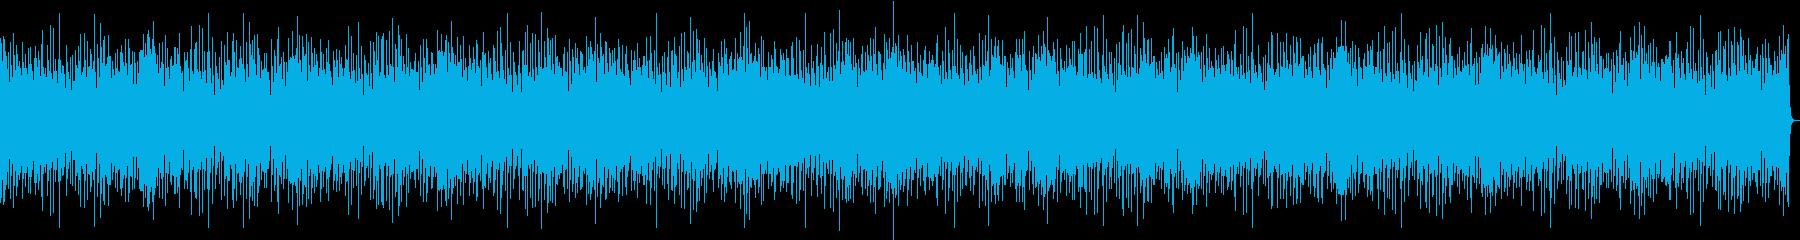 バンドサウンドの爽やかなブルースBGM3の再生済みの波形